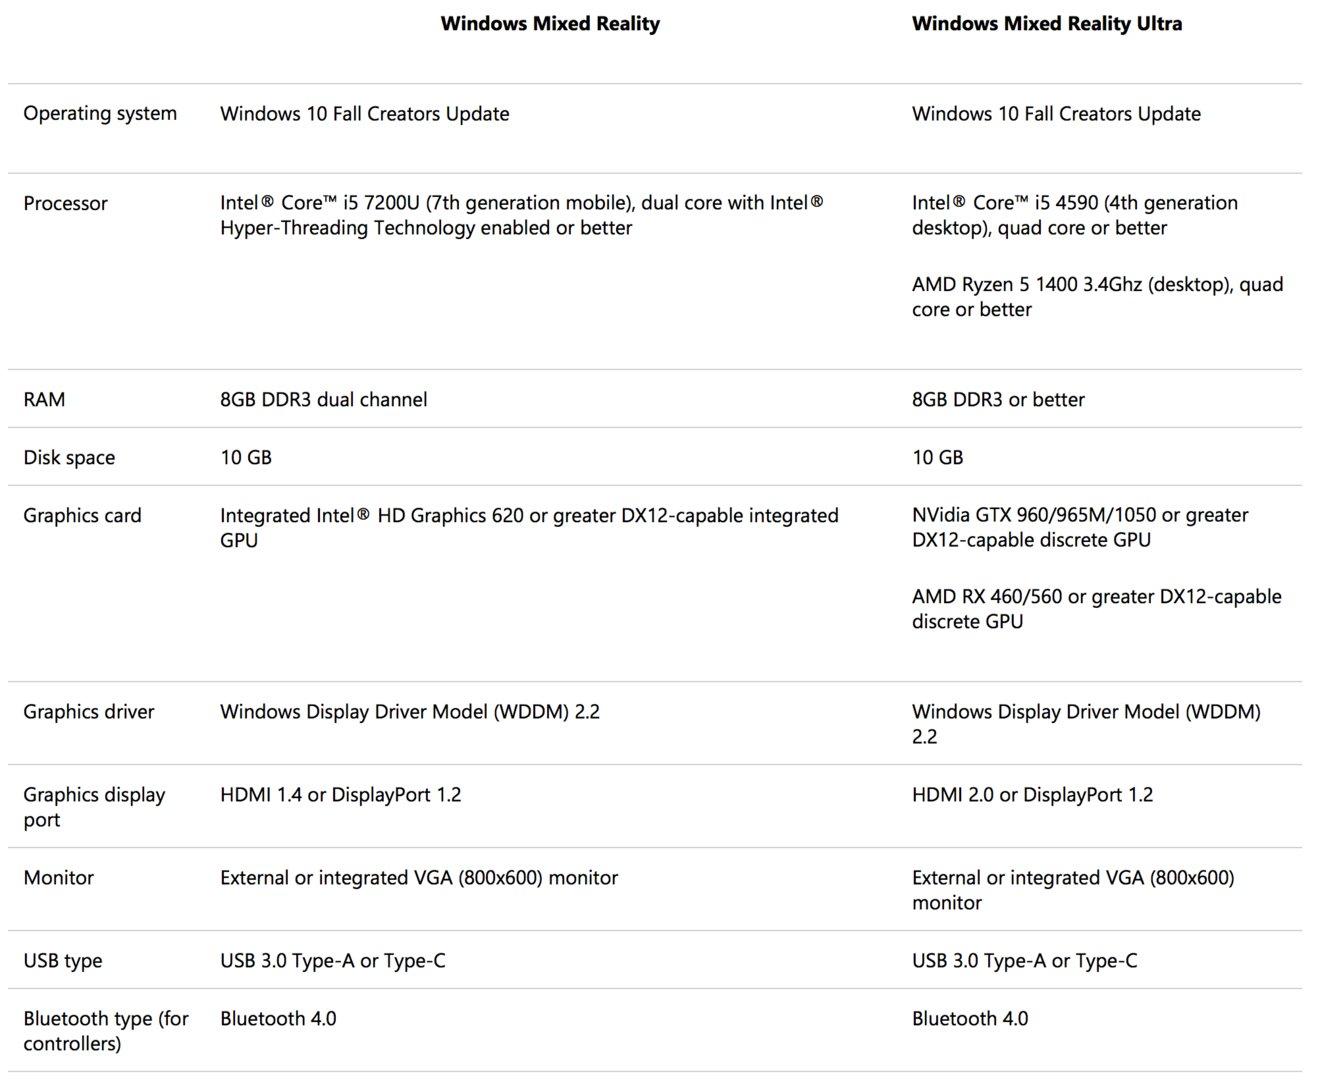 Die offiziellen Systemanforderungen für Windows 10 Mixed Reality